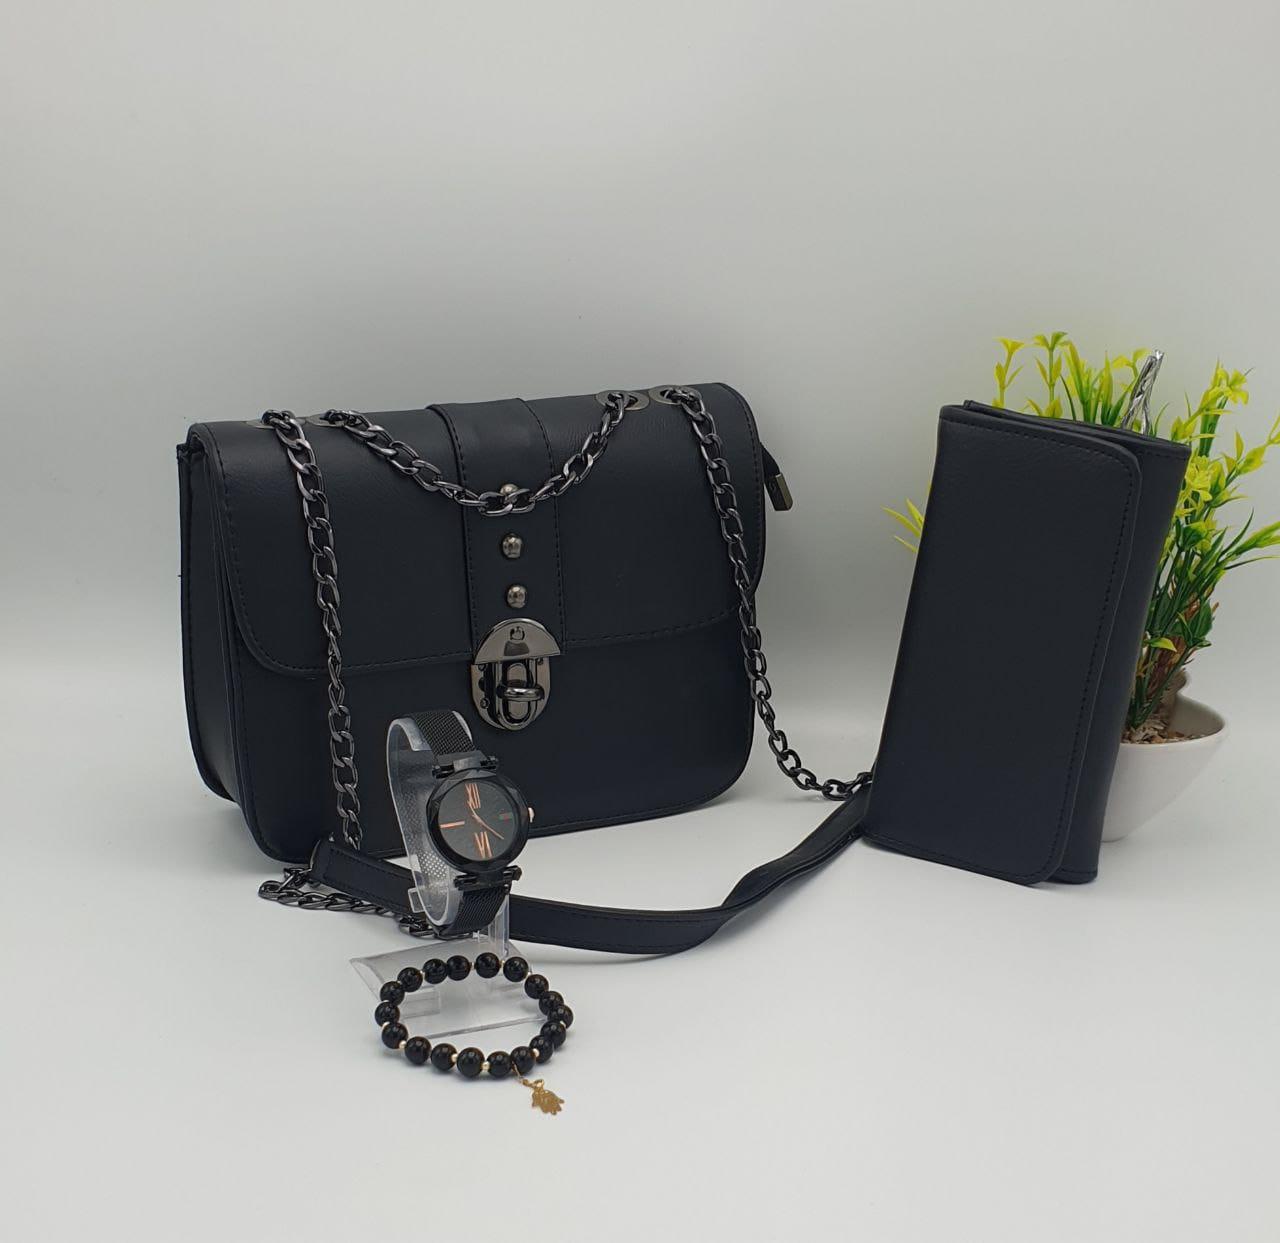 Coffret Sac 4 pieces princesse, Noir, sac bracelet porte feuille montre